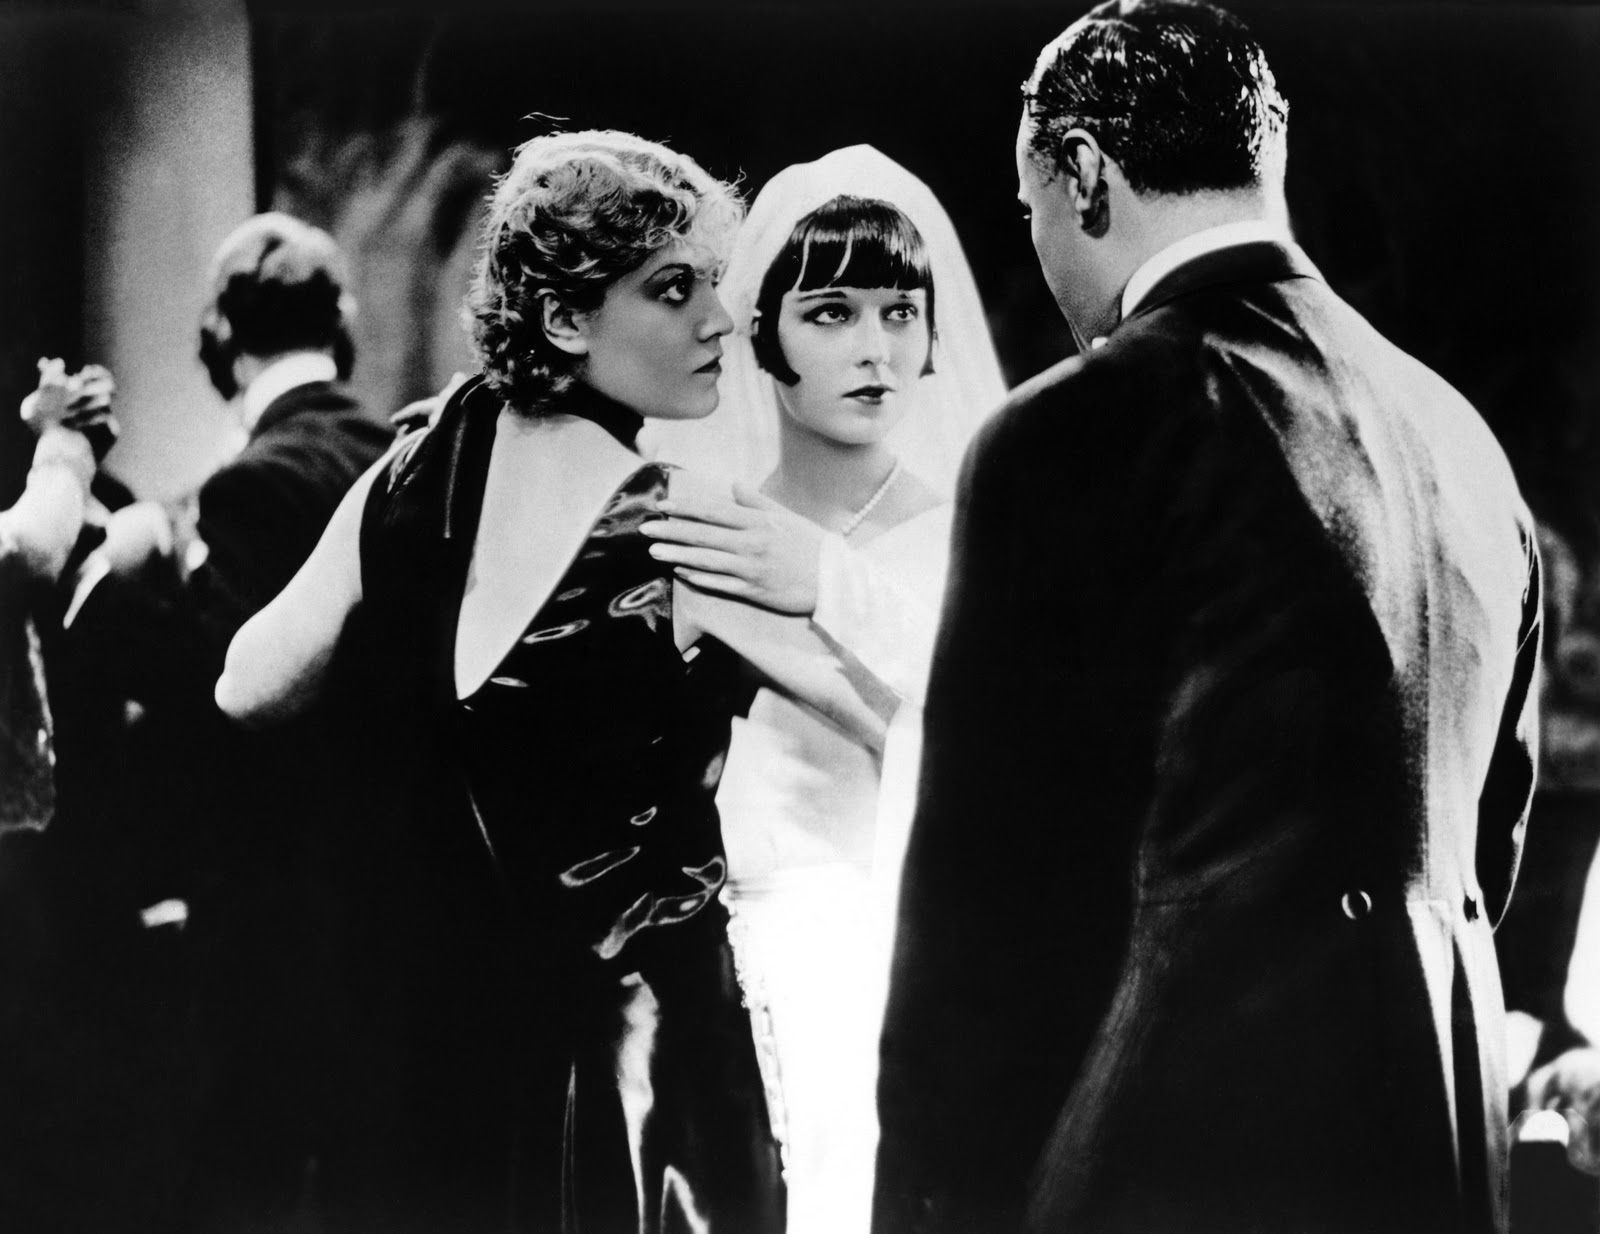 The groom is not amused in Die Büchse der Pandora